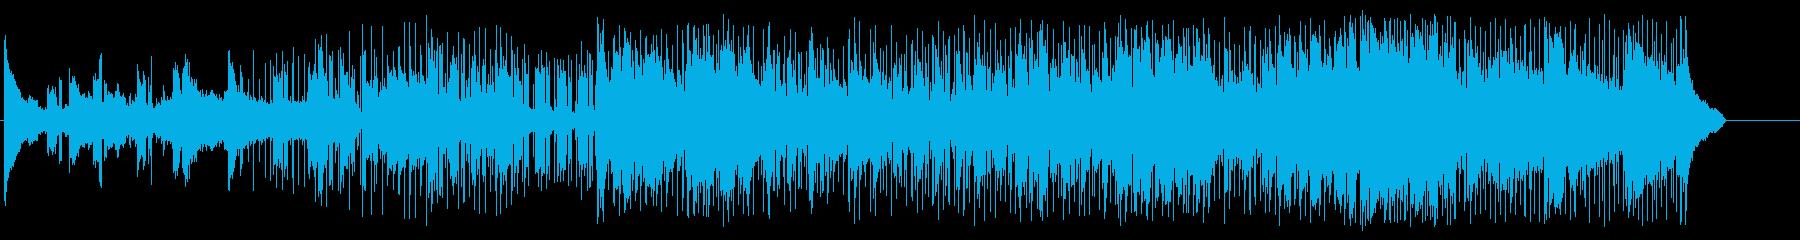 神秘的な海をイメージさせる癒し系の一曲の再生済みの波形